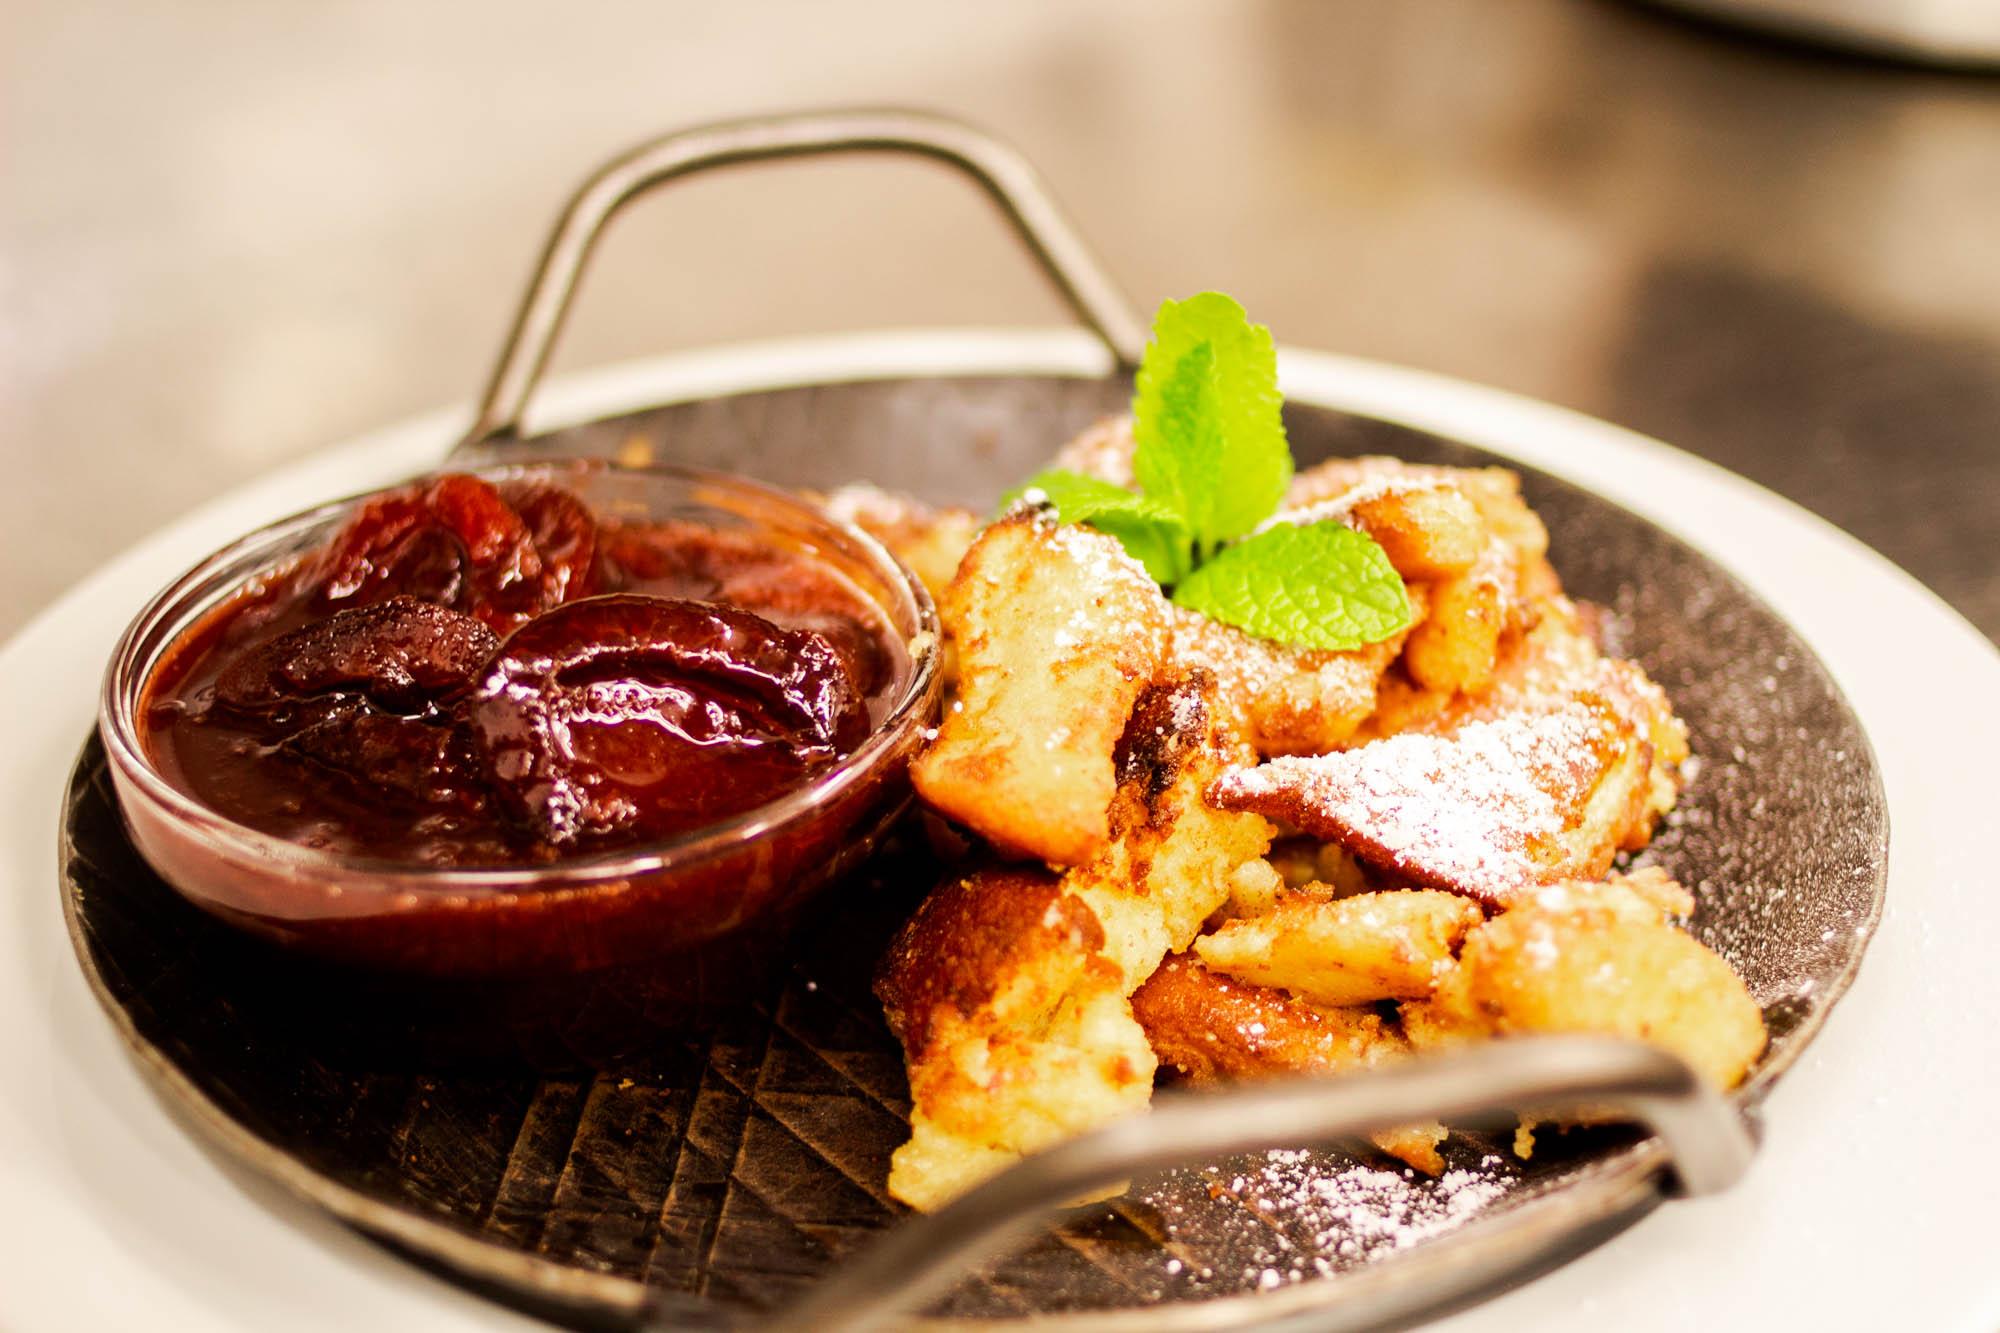 gavesi-restaurant-eching-04062020-37